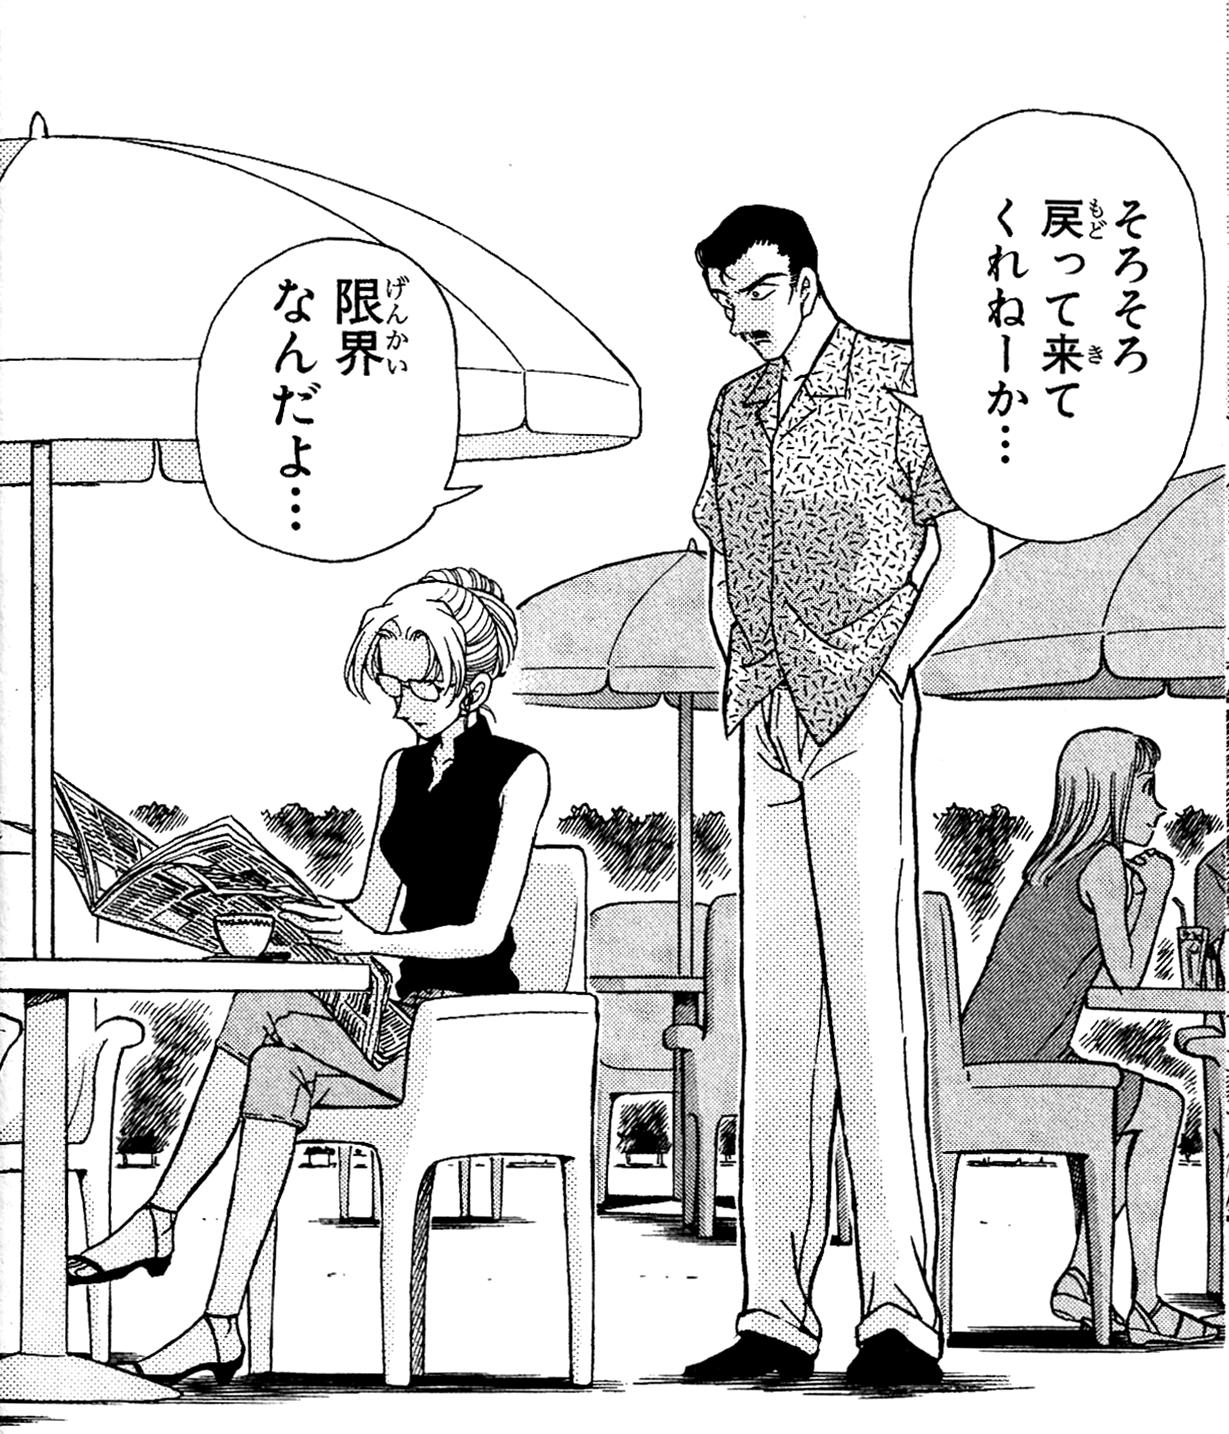 毛利小五郎の名言がかっこいいエピソード同率第3位:「容疑者・毛利小五郎」